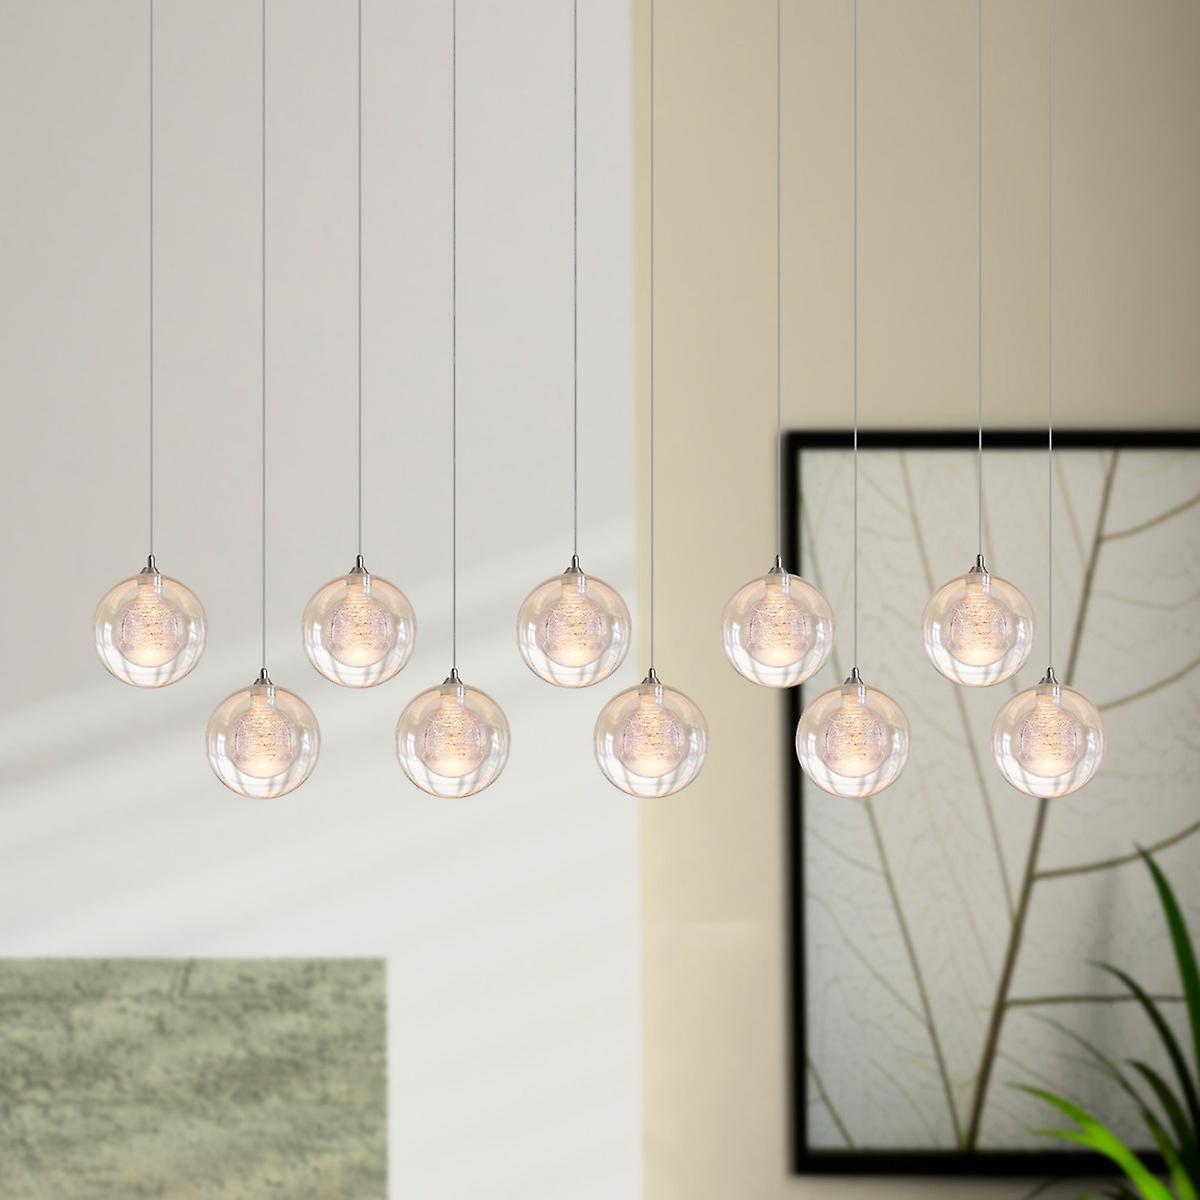 Moderne Taket Lys Anheng Lampe Spisestue Rektangulaere